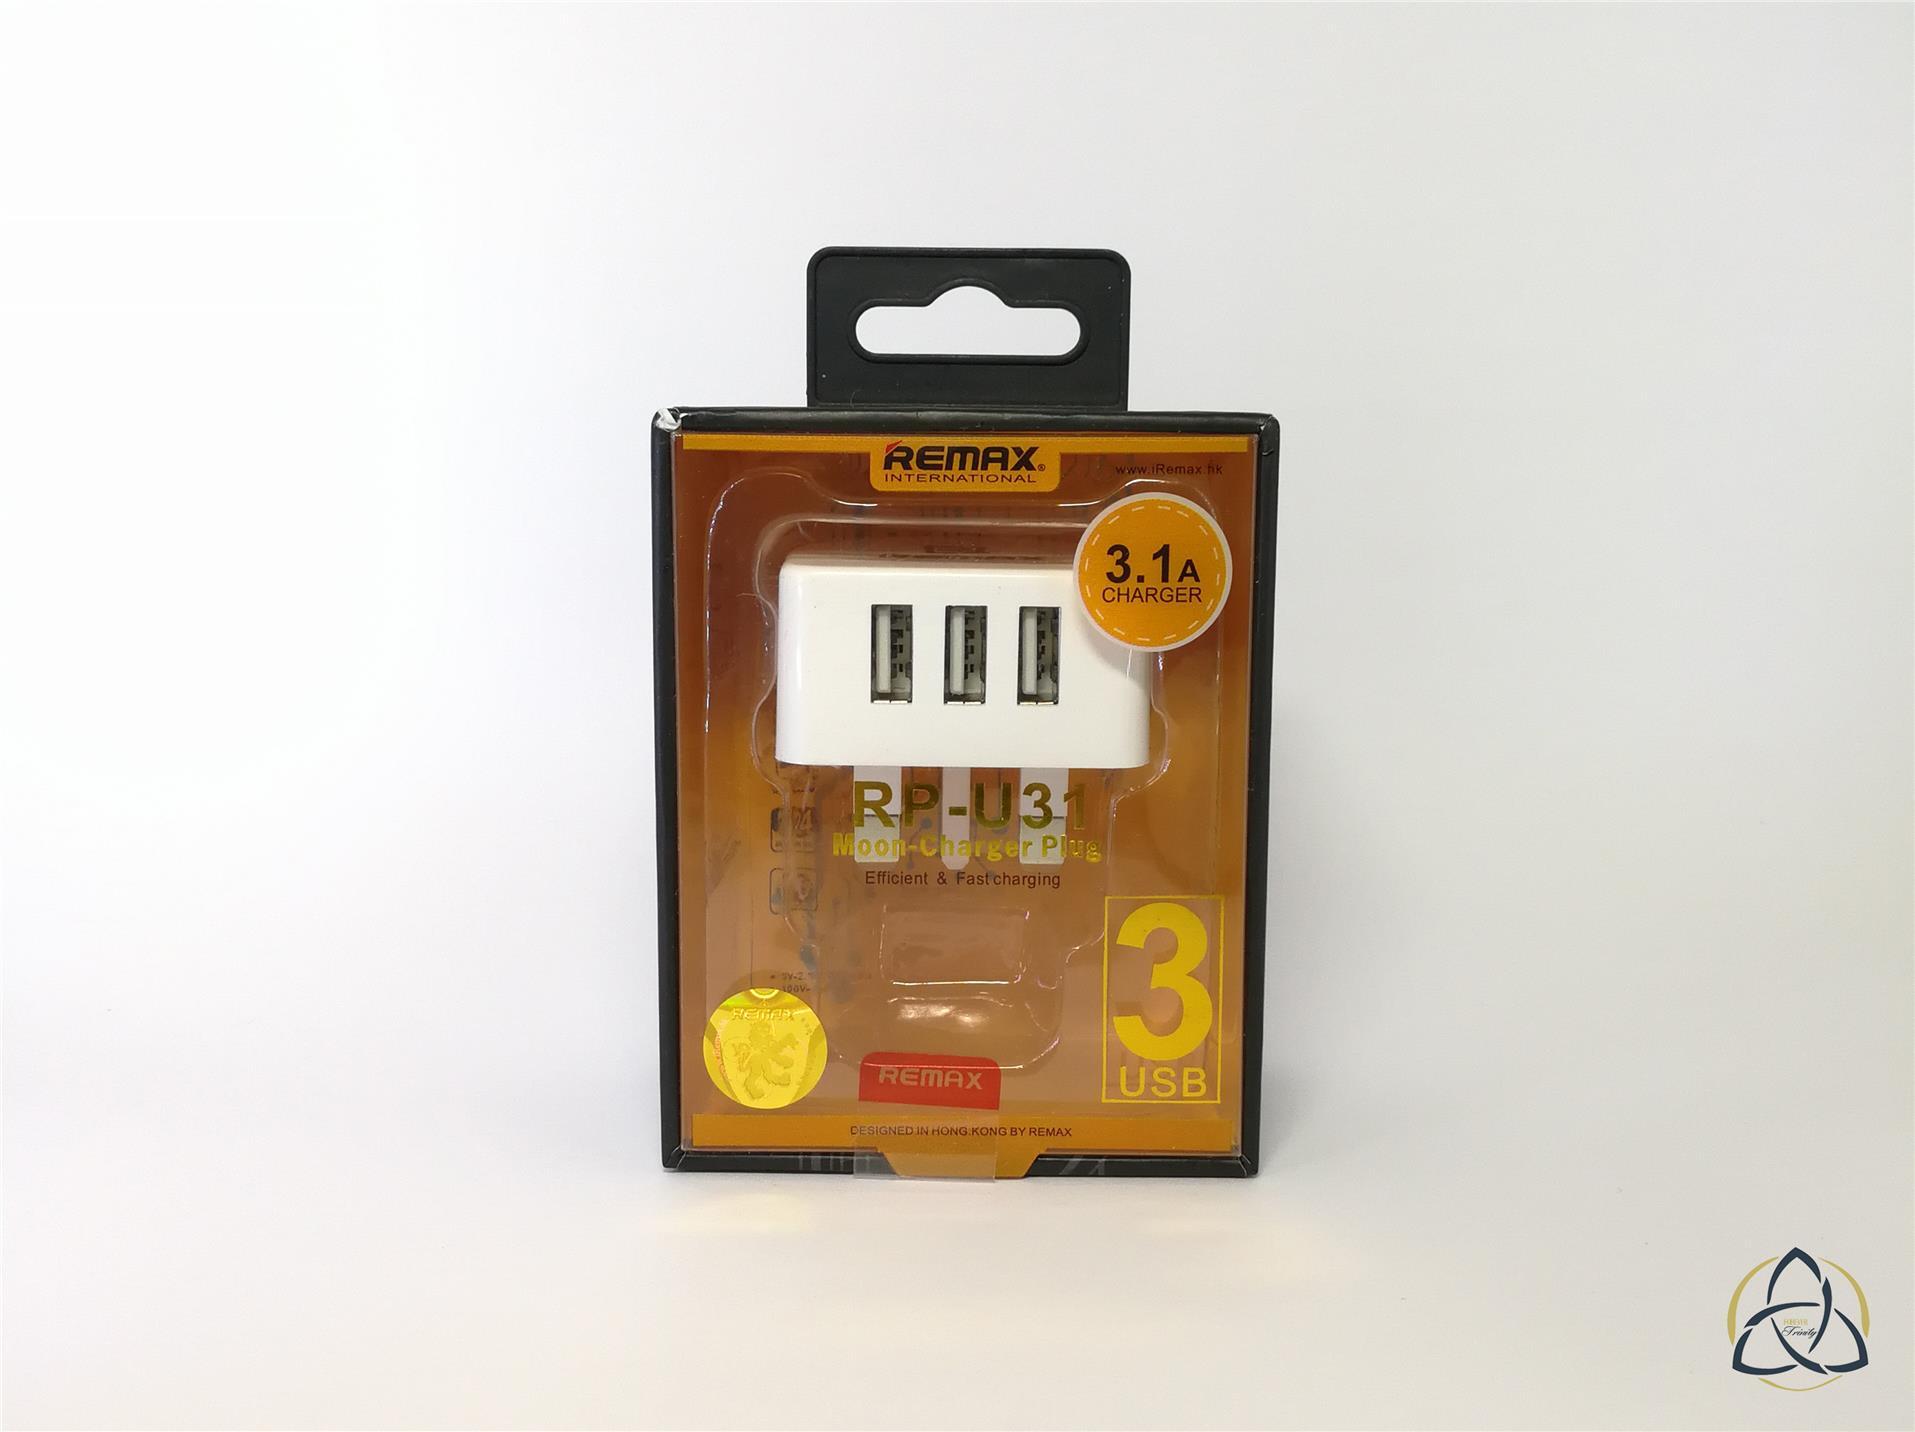 Remax RP U31 Moon 3 USB Charger Plug